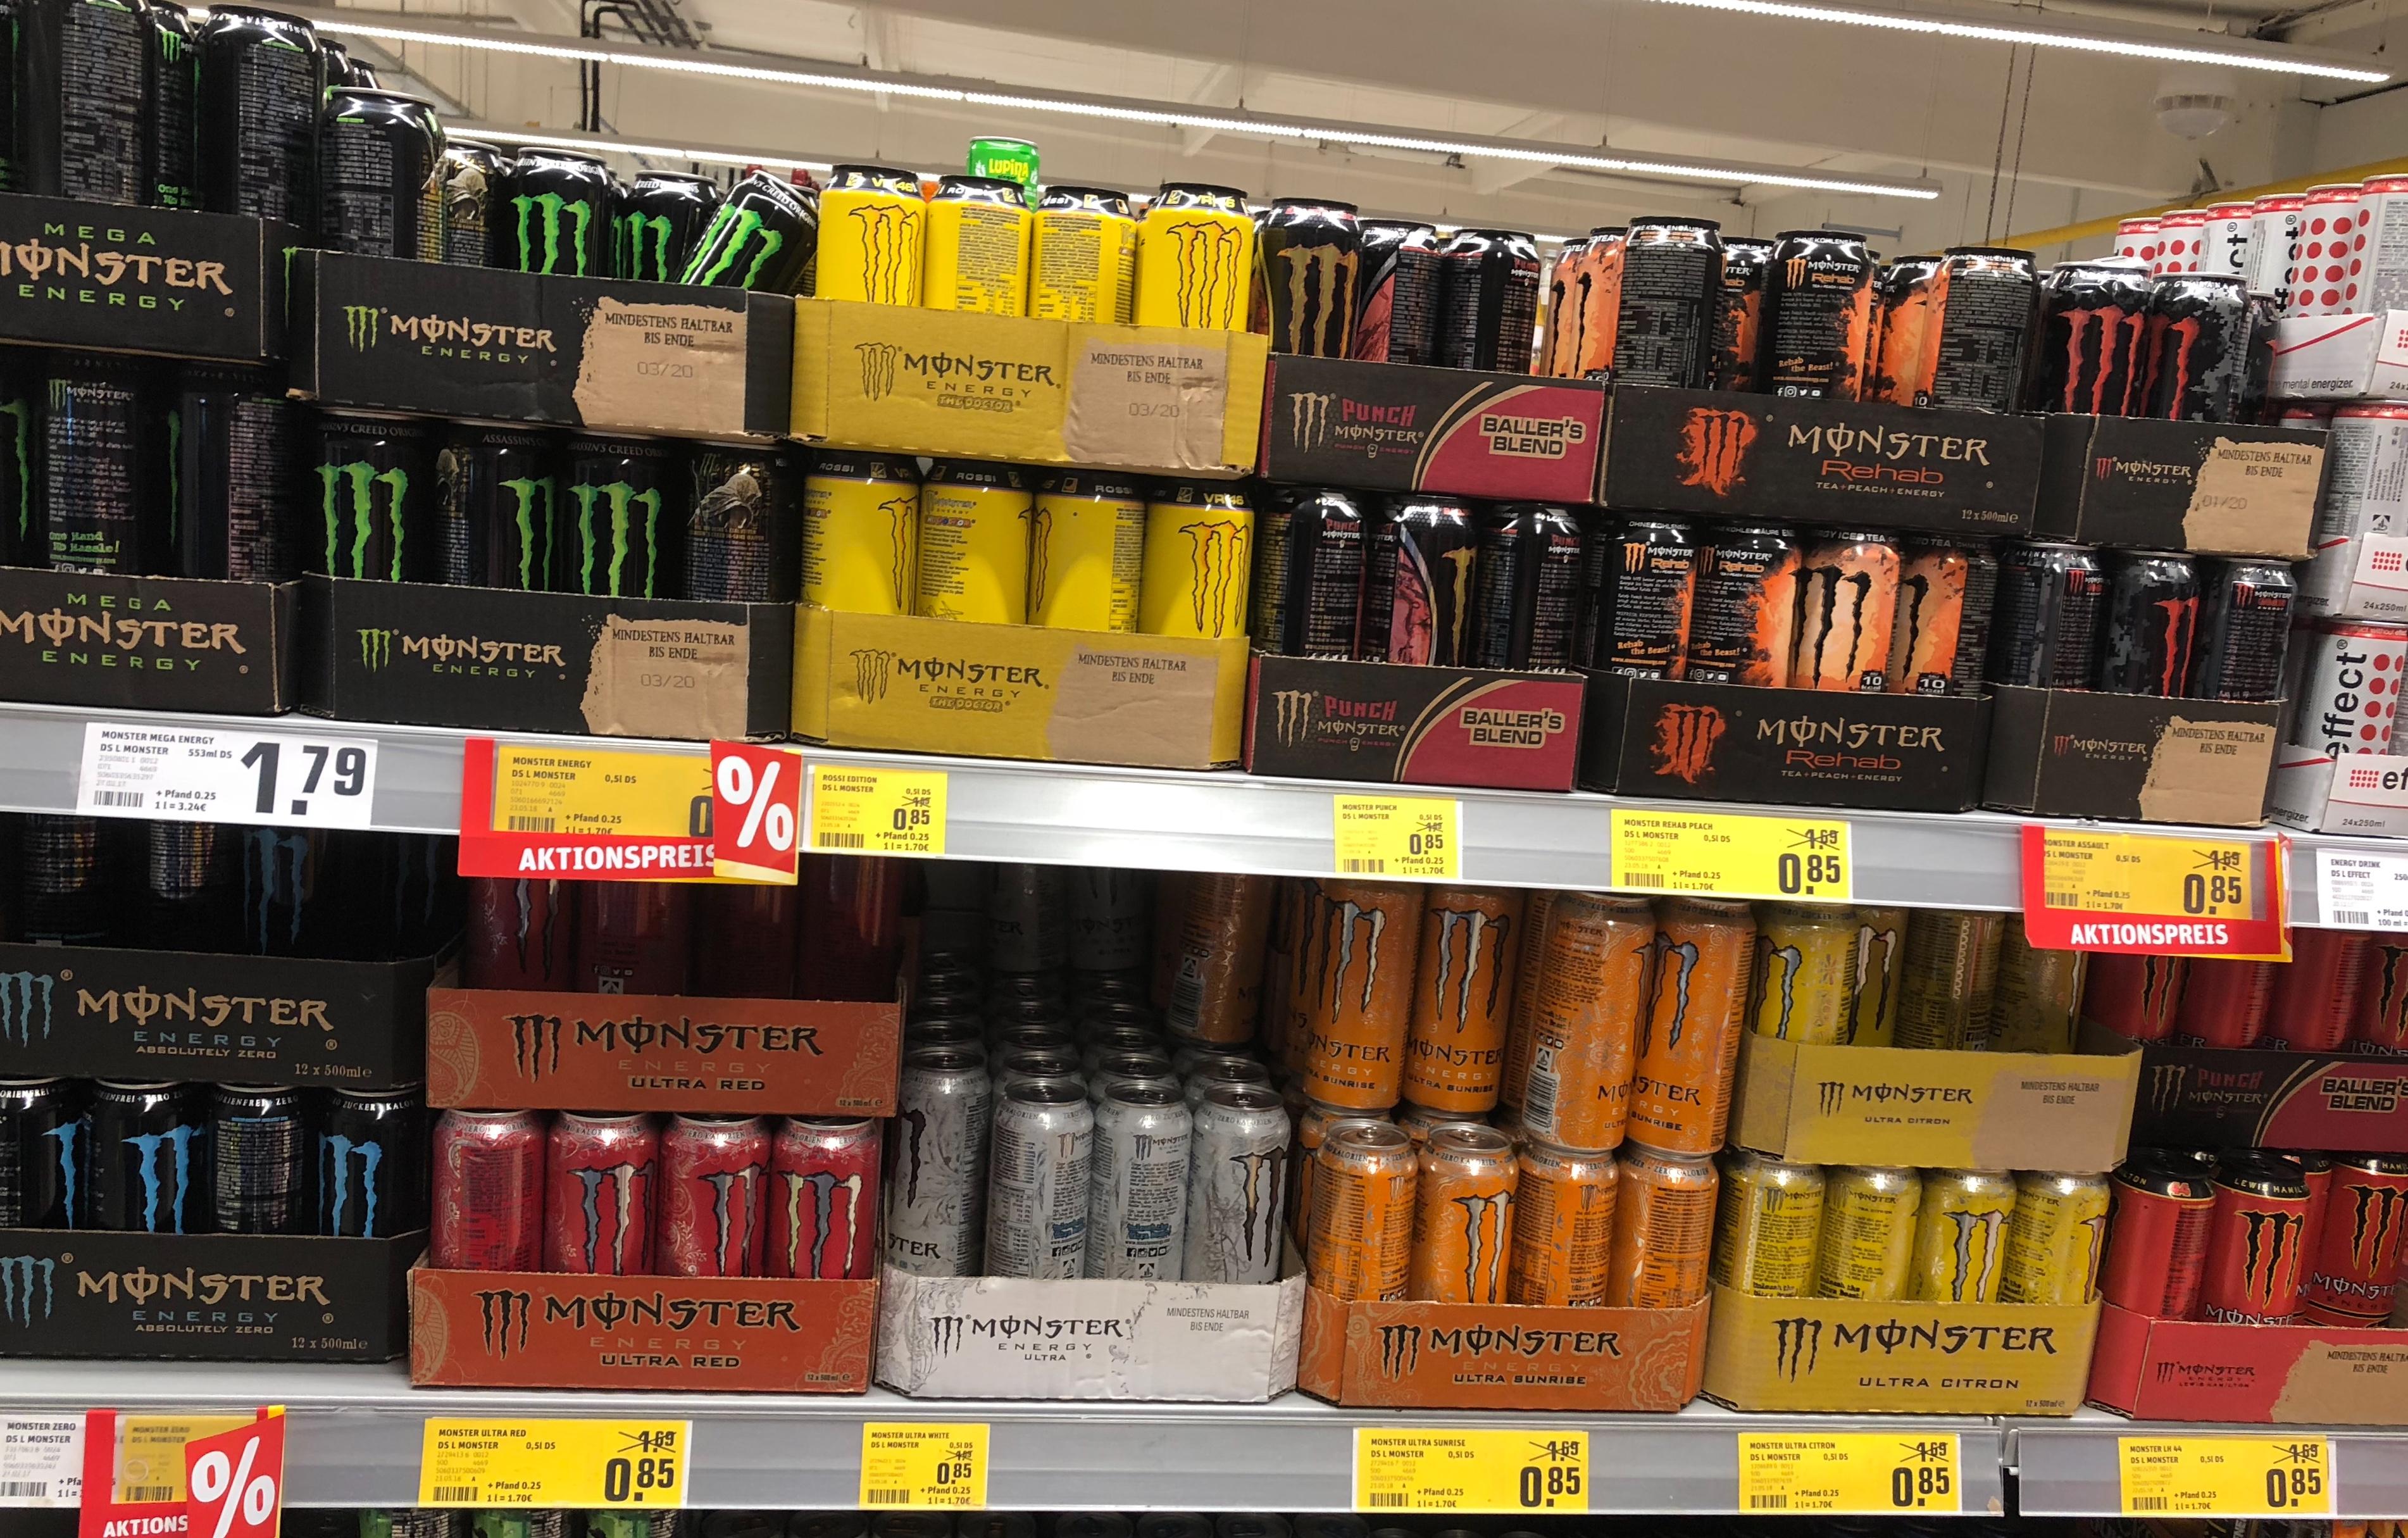 [ REWE] Monster viele Sorten  0,85 €